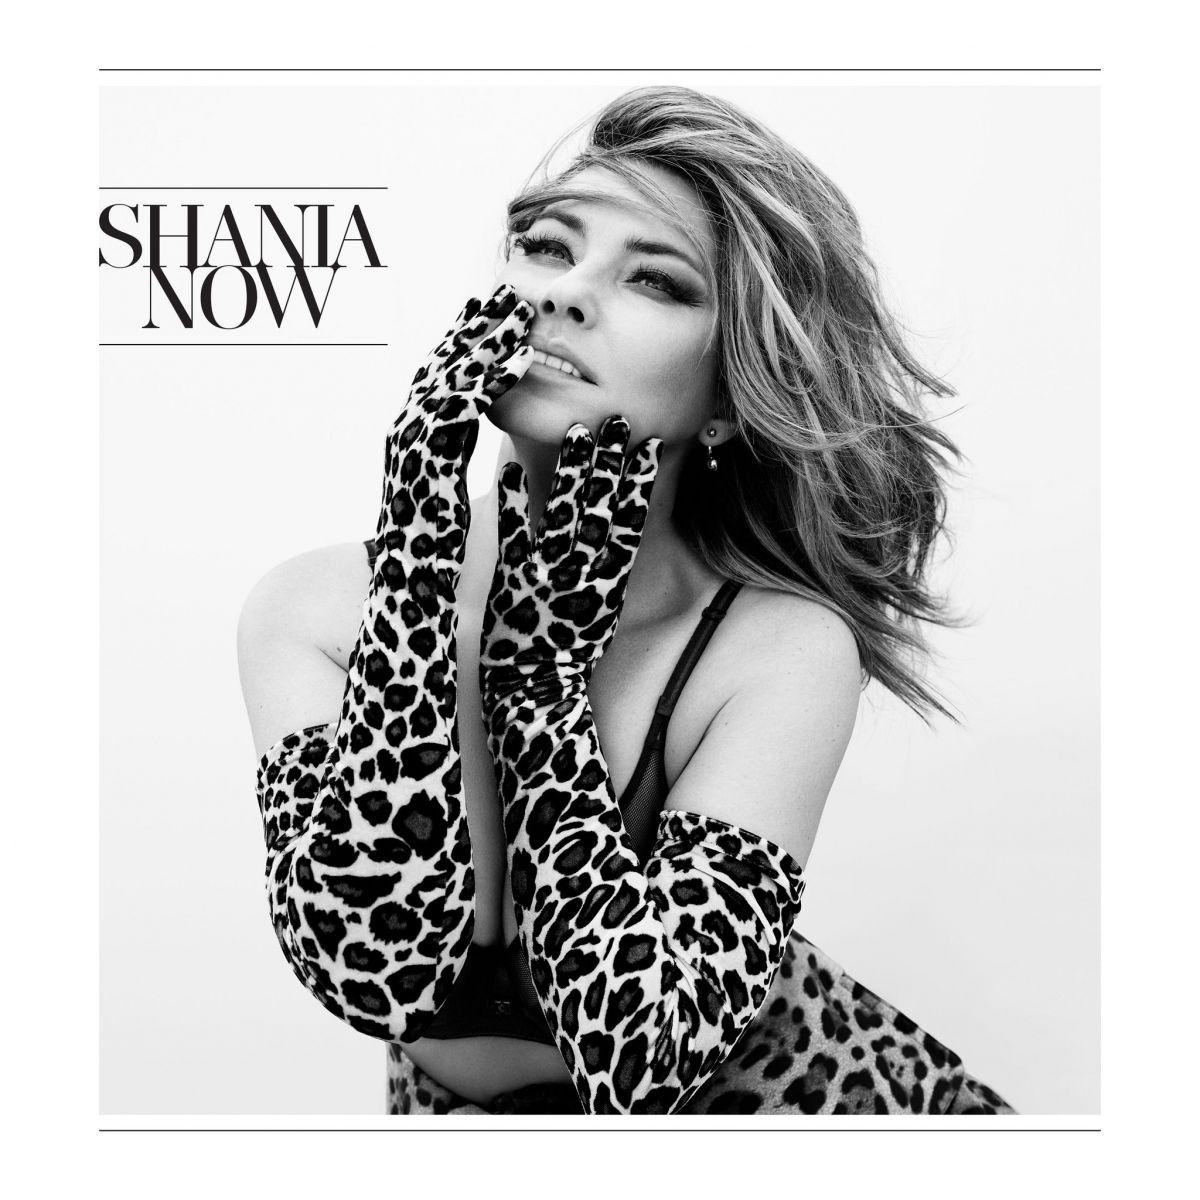 SHANIA TWAIN - Now Album Cover